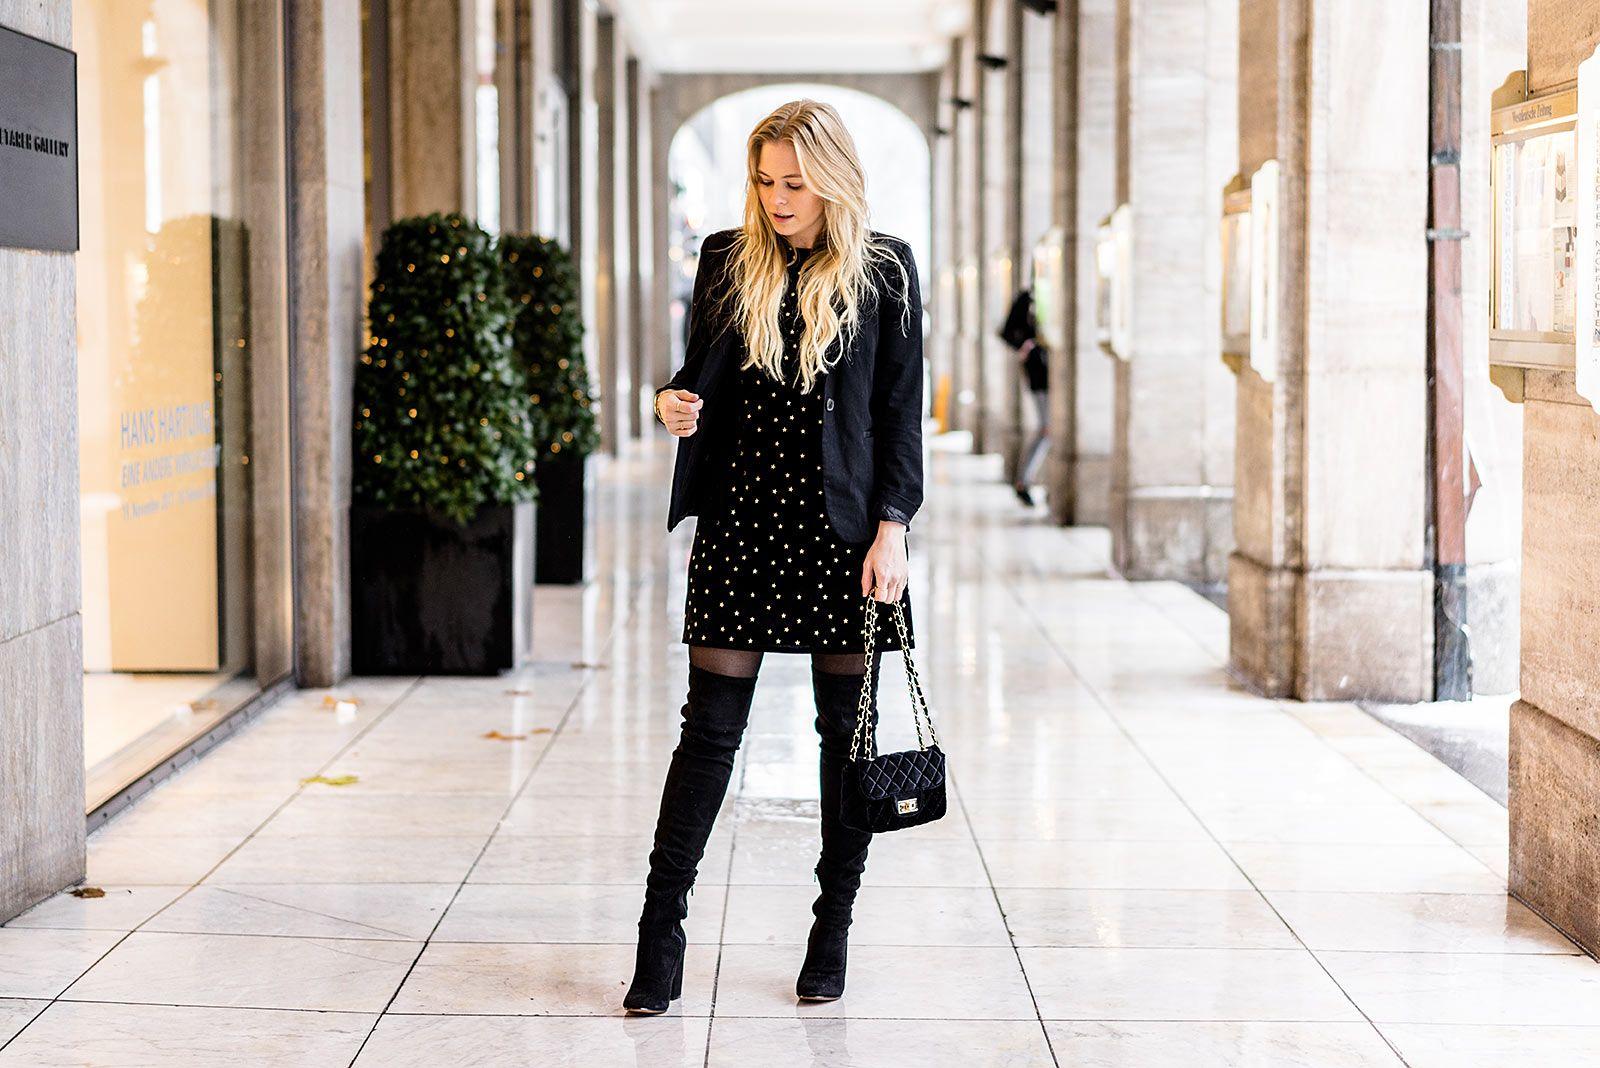 Mein Outfit zu Weihnachten: Ein schwarzes Kleid aus Samt mit ...